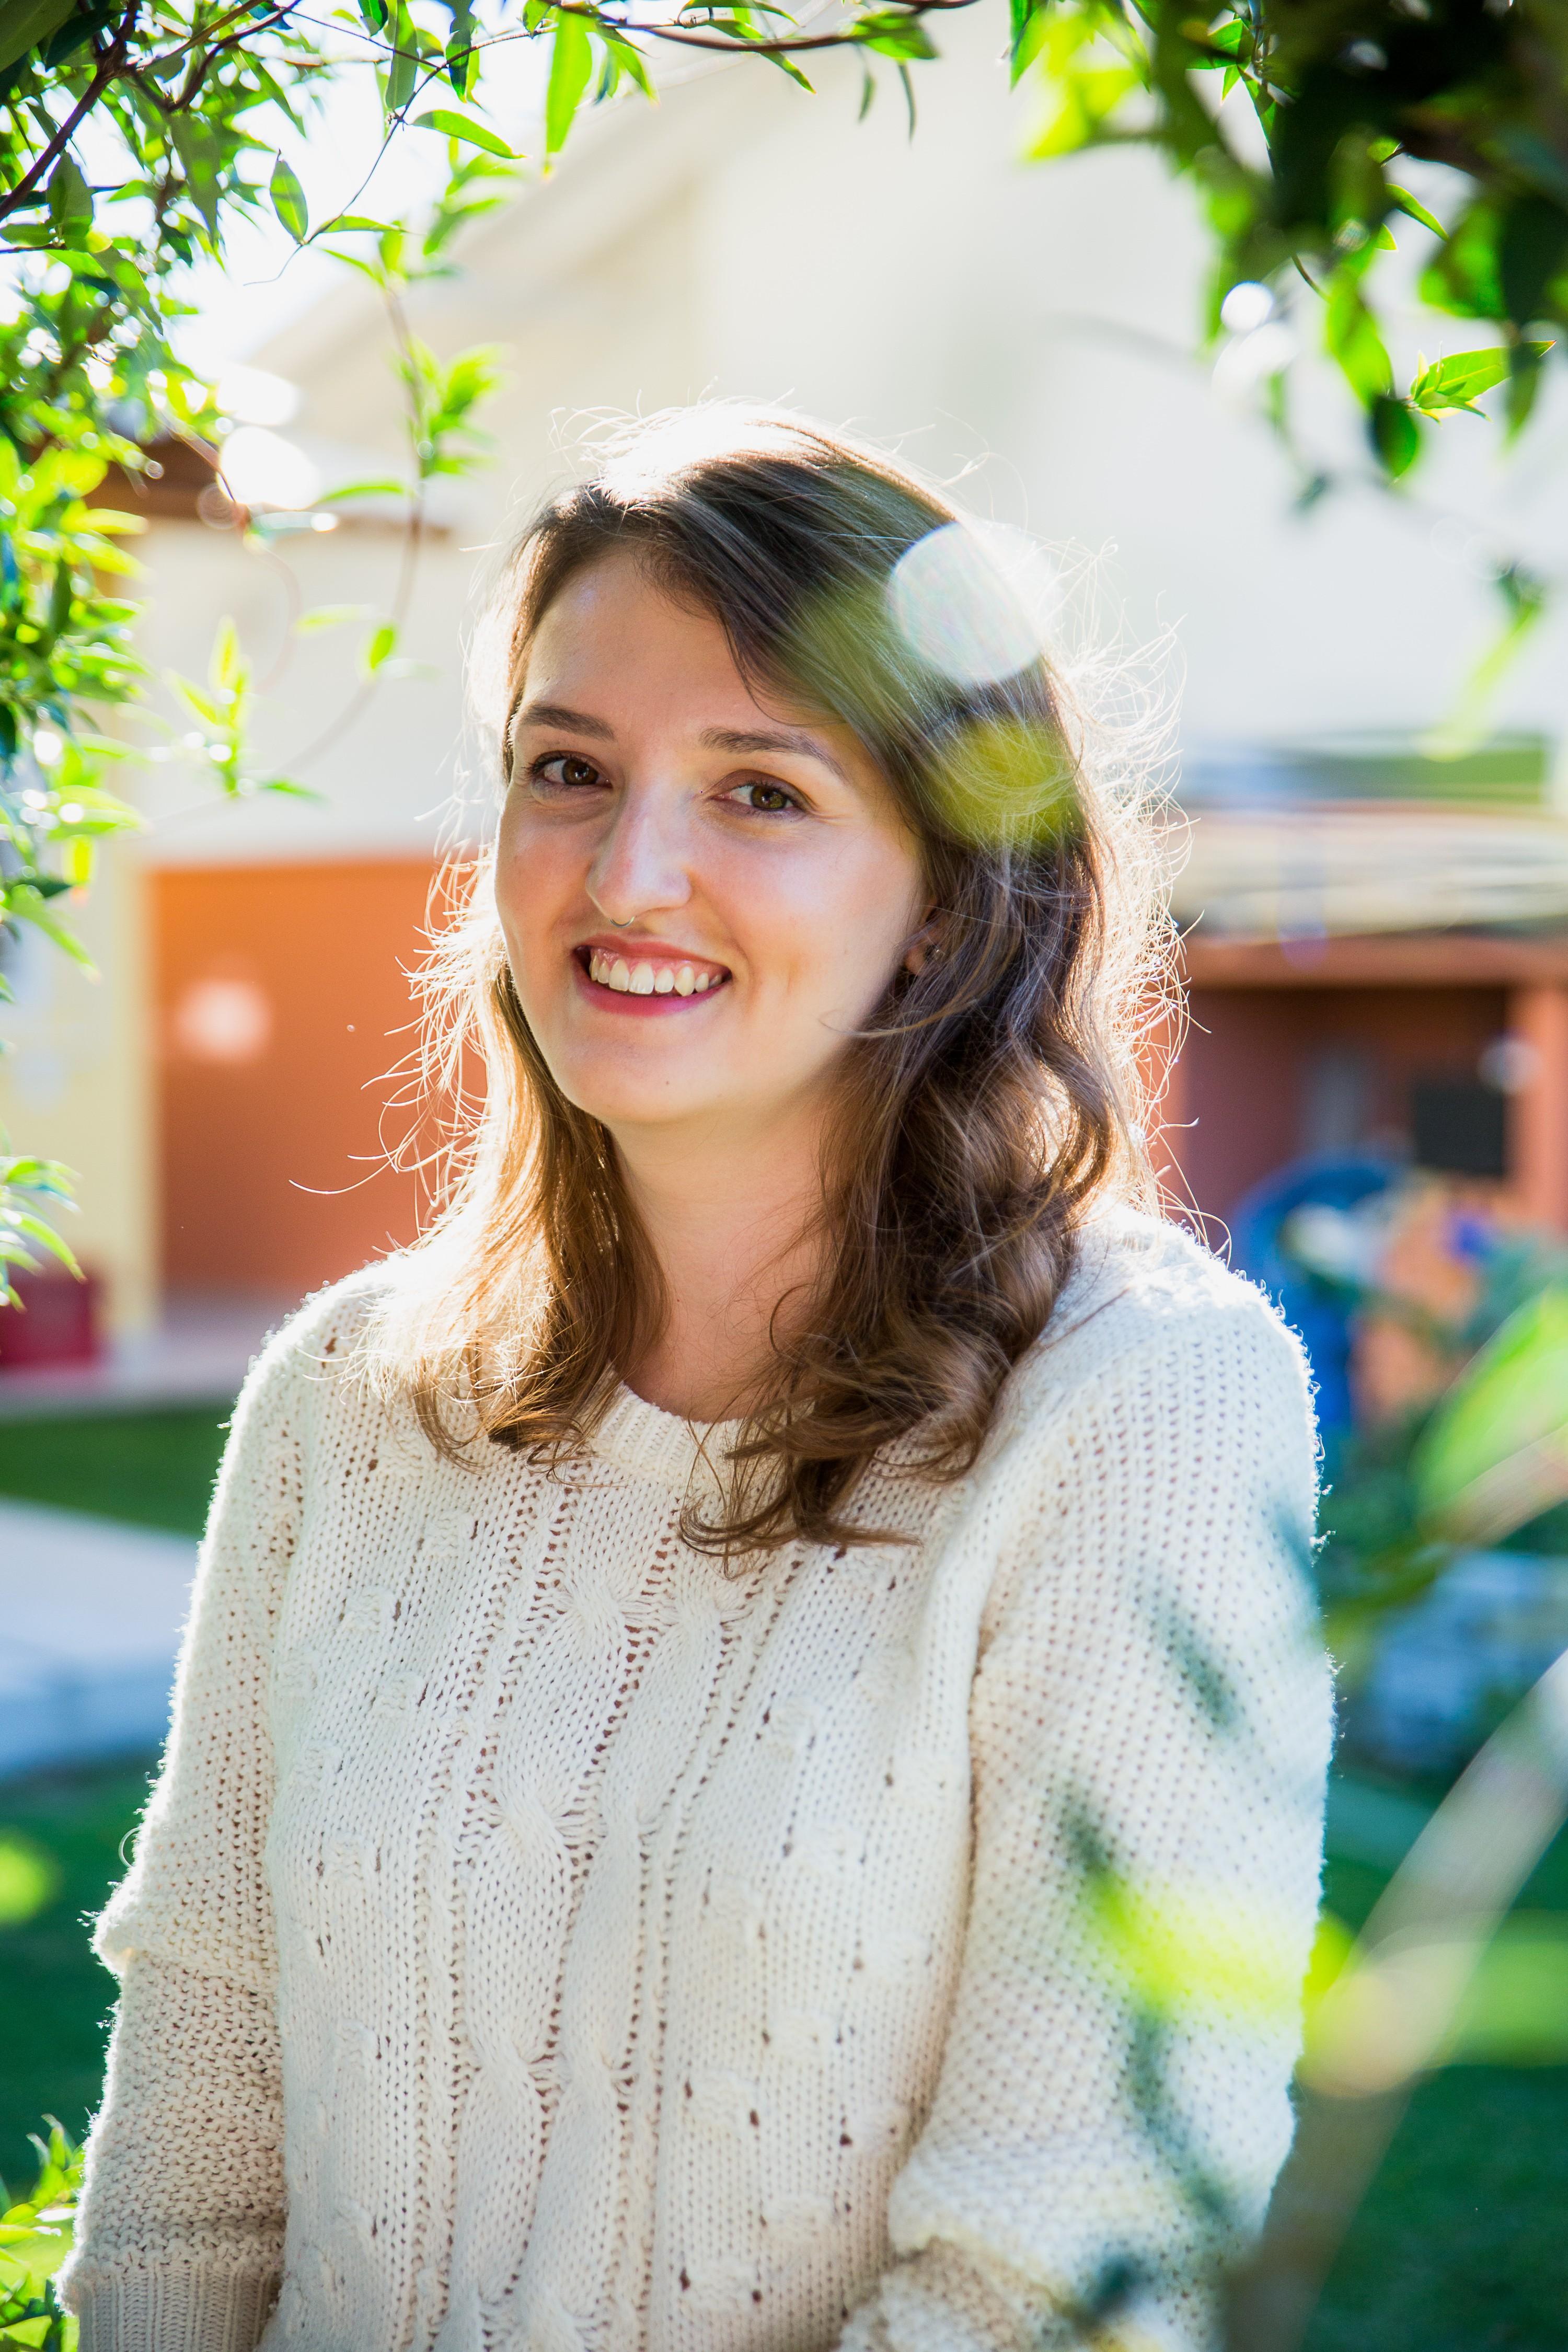 Cristal Muniz, de 27 anos, é autora de livro com dicas de como levar uma vida sem a produção de lixo (Foto: Lucas Lorenzo)